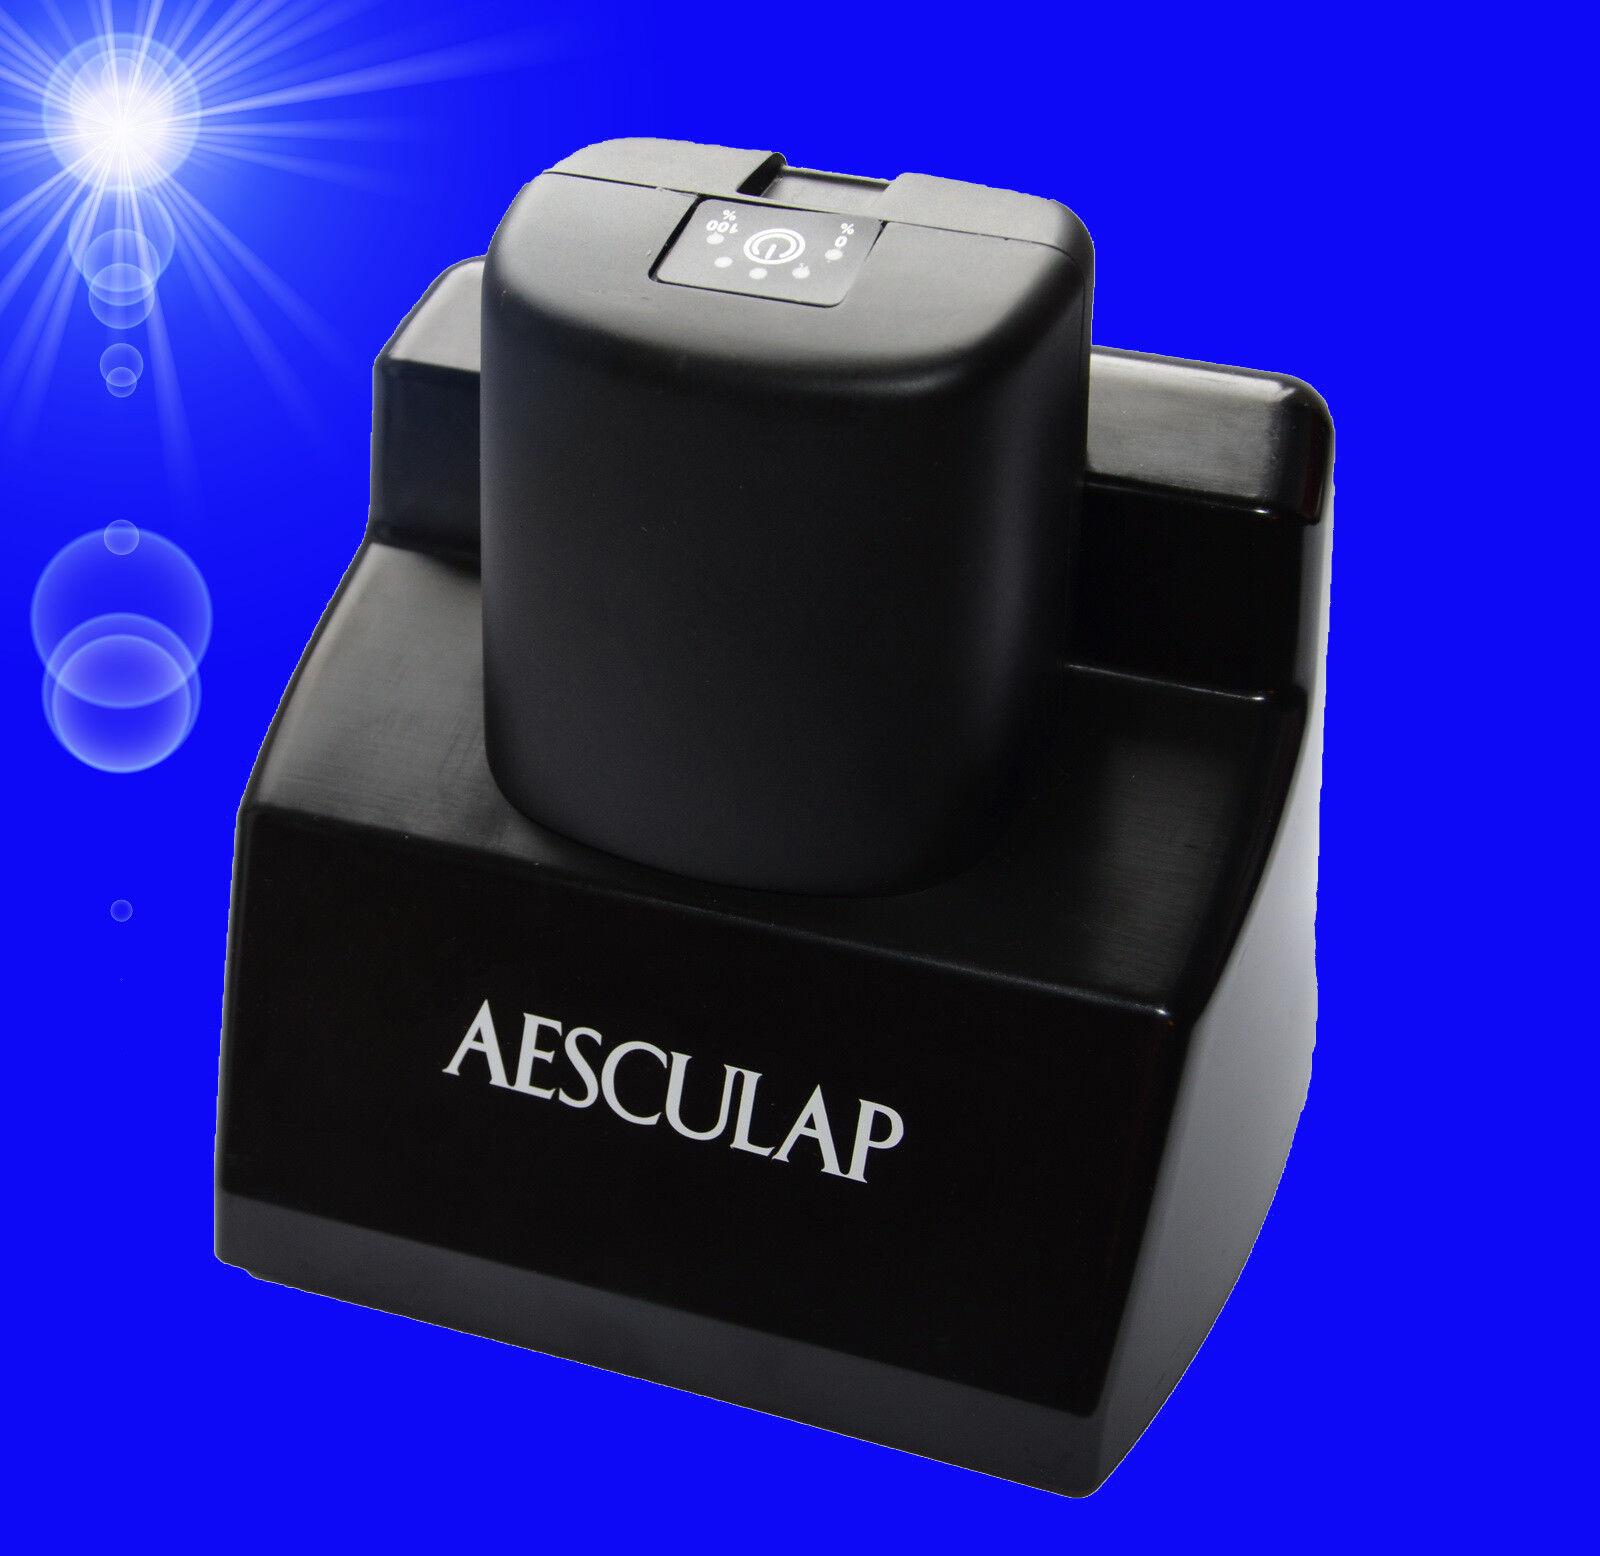 Aesculap Econom CL GT 814 AKKU Schermaschine Schermaschine Schermaschine Pferde b57e30